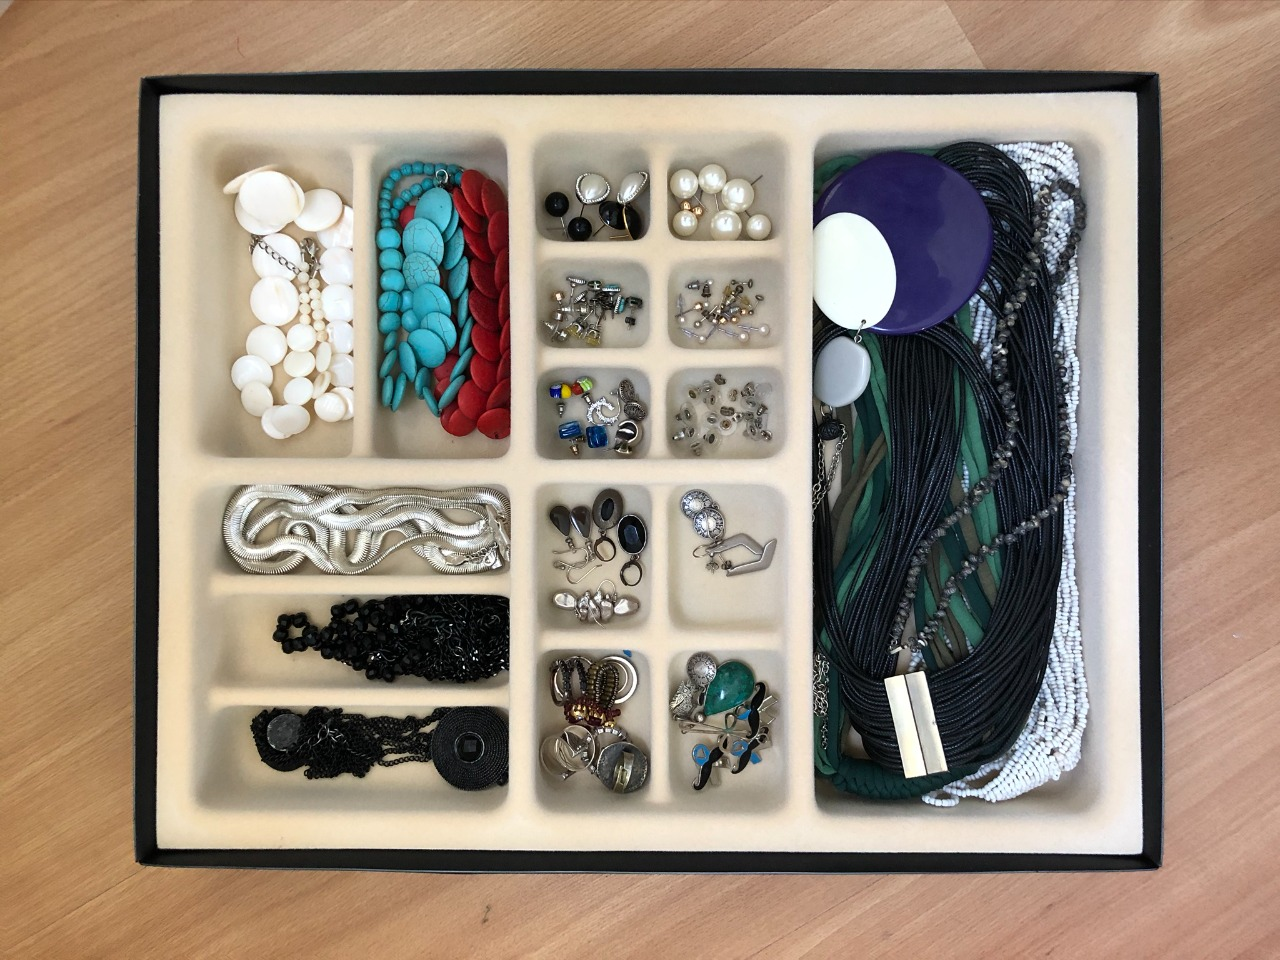 Organizador de joias e acessórios bandeja veludo mix de tamanhos M